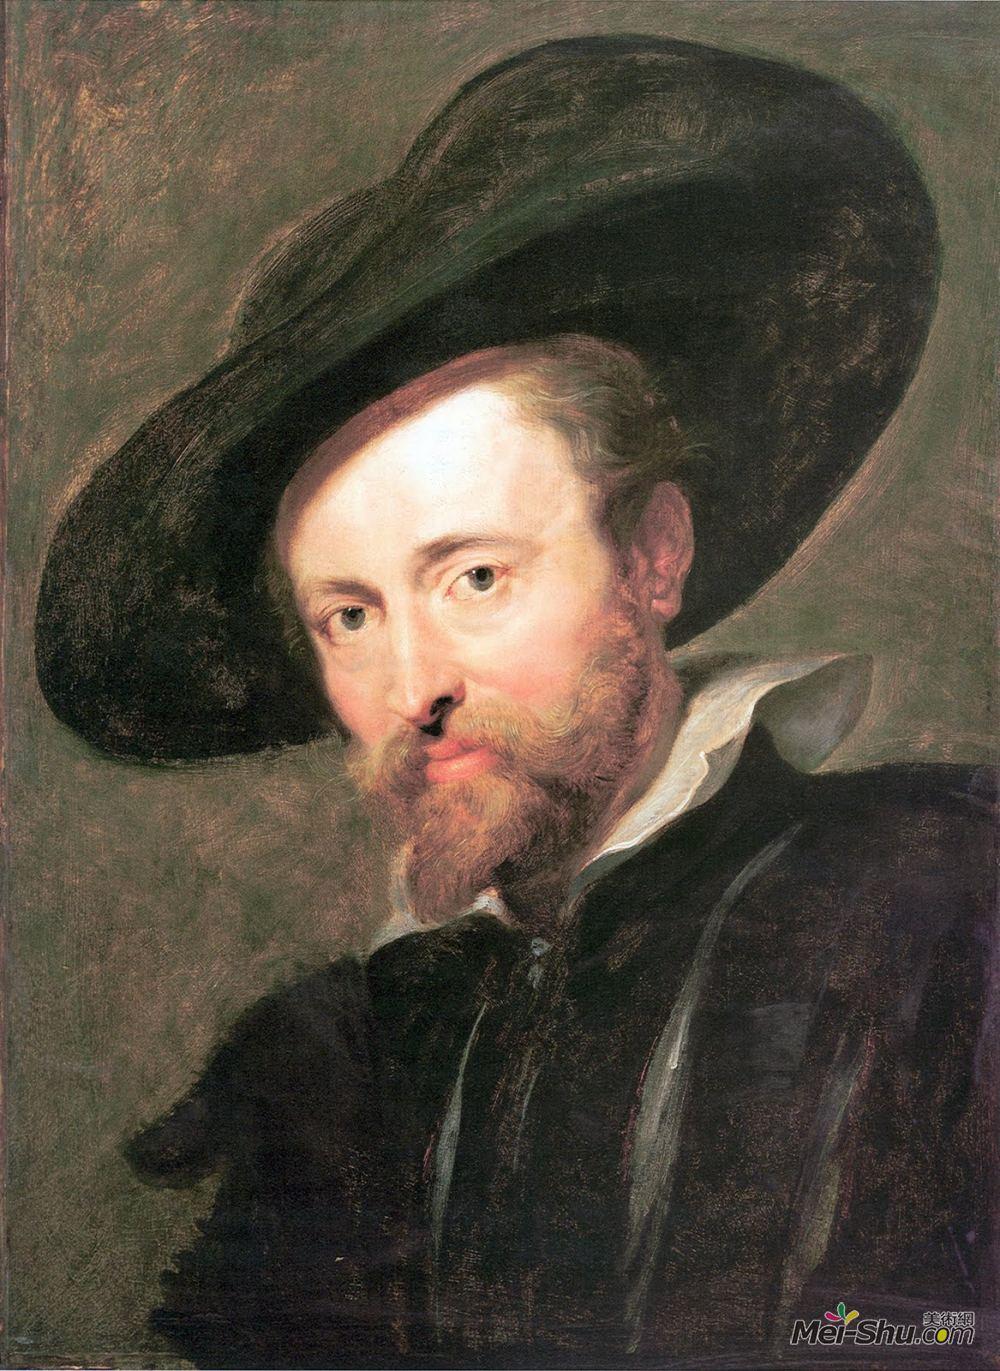 彼得·保羅·魯本斯(Peter Paul Rubens)